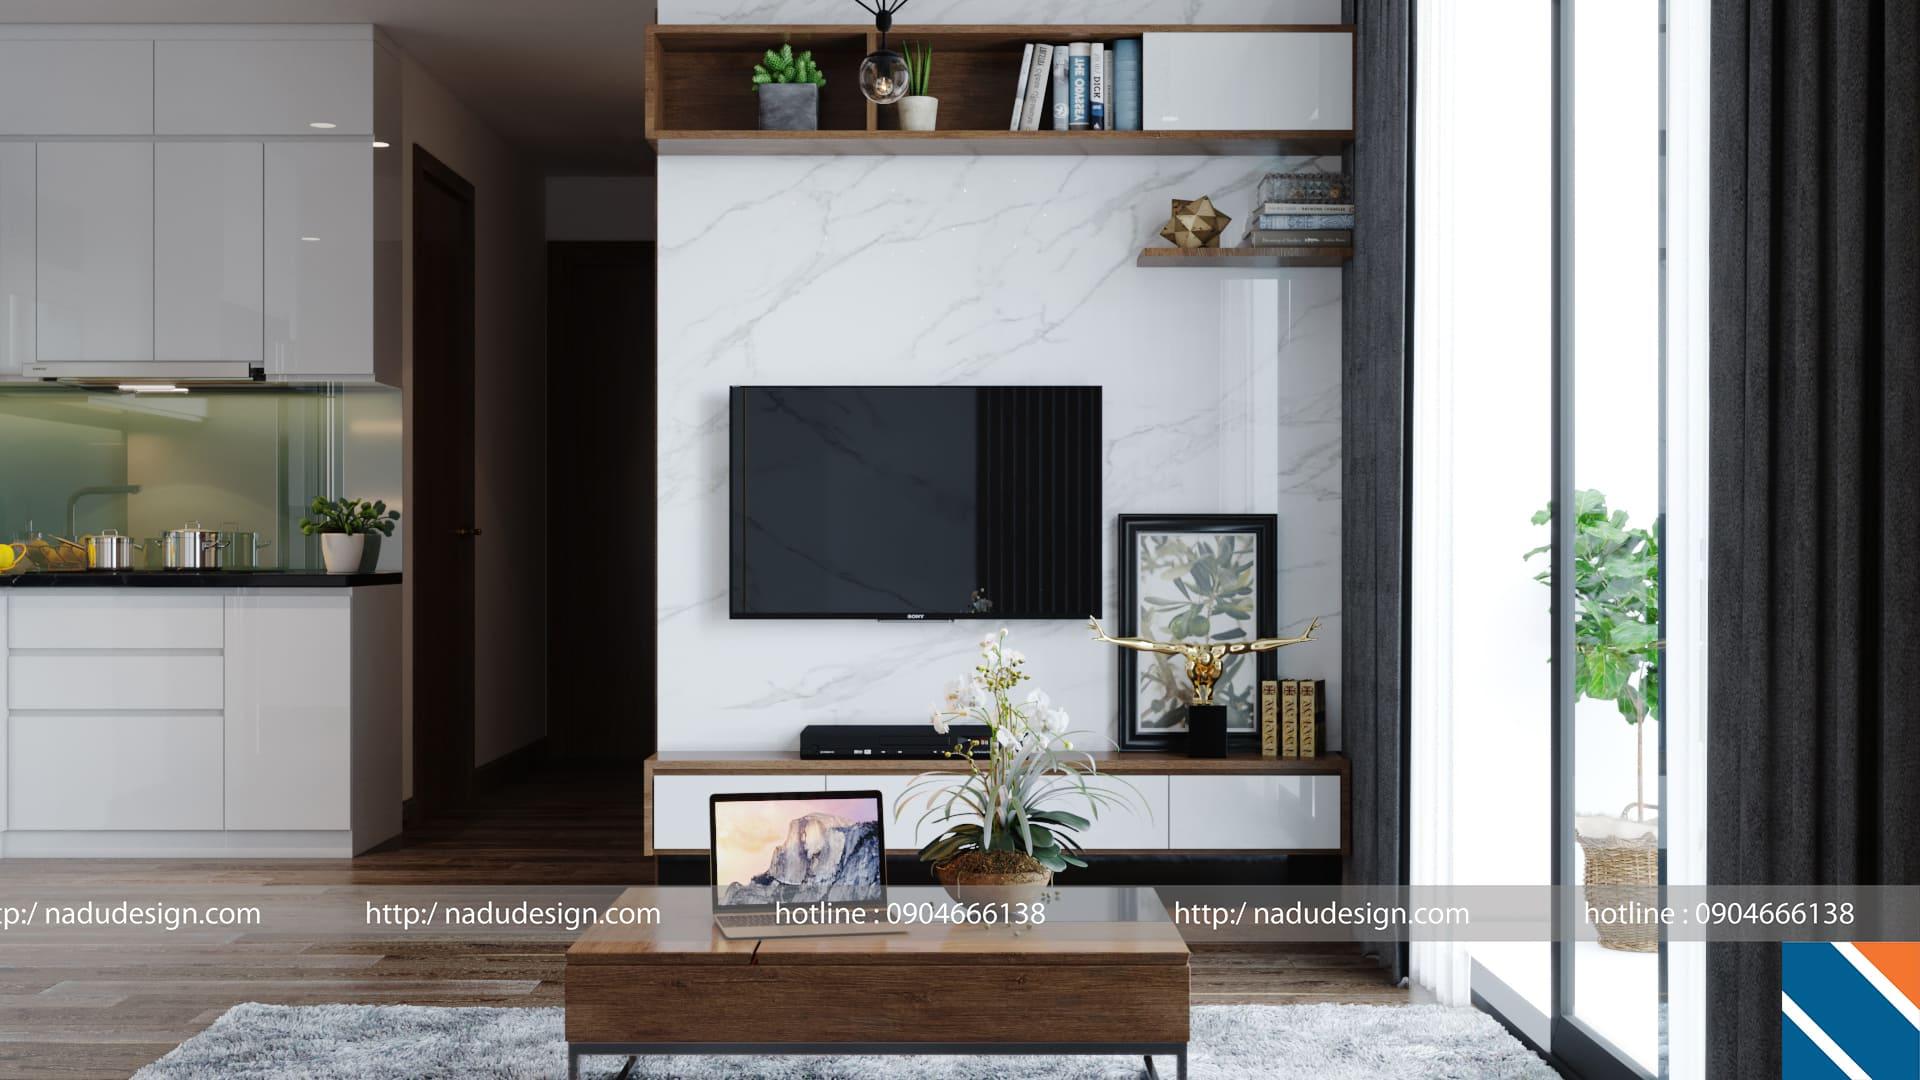 Thiết kế nội thất hợp phong thủy nhà ở của Nadu Design